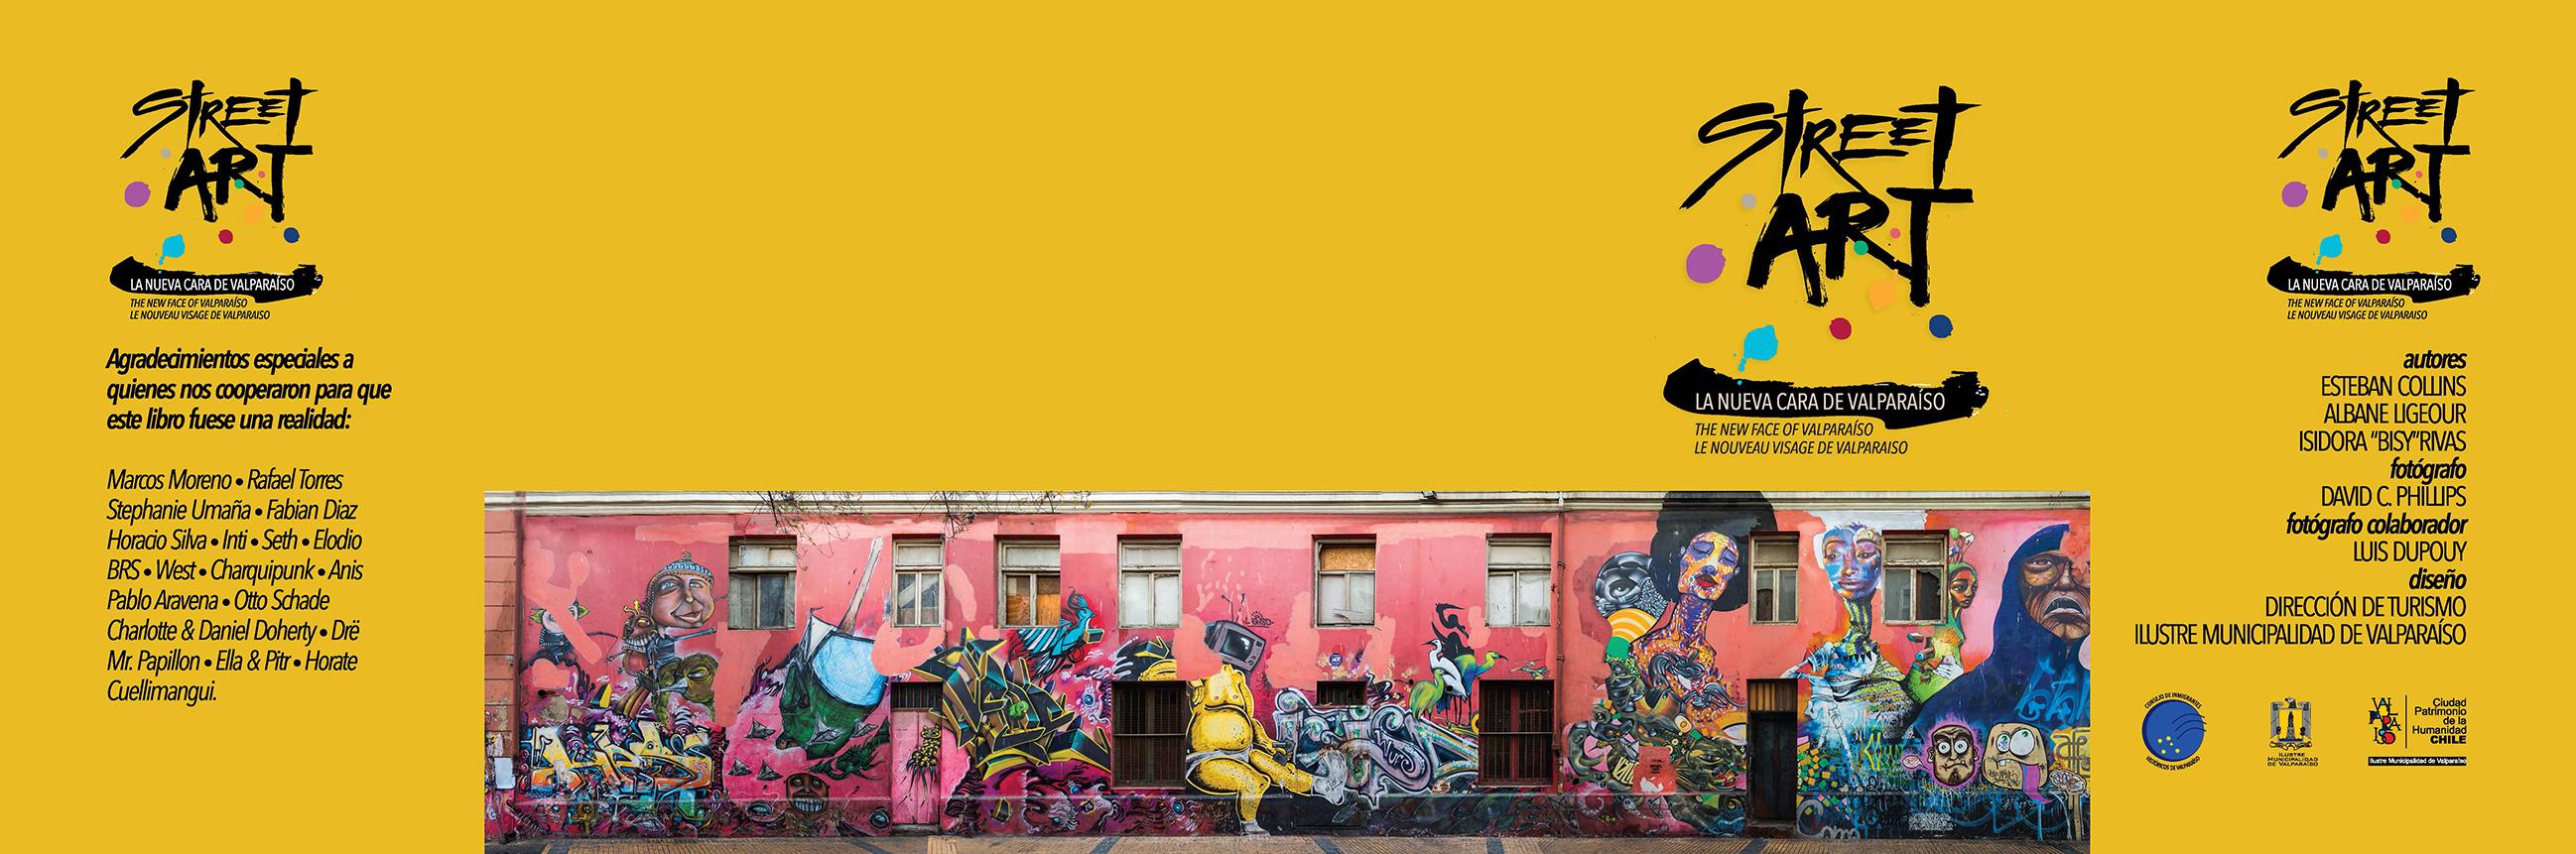 Street Art La Nueva Cara de Valparaiso book cover